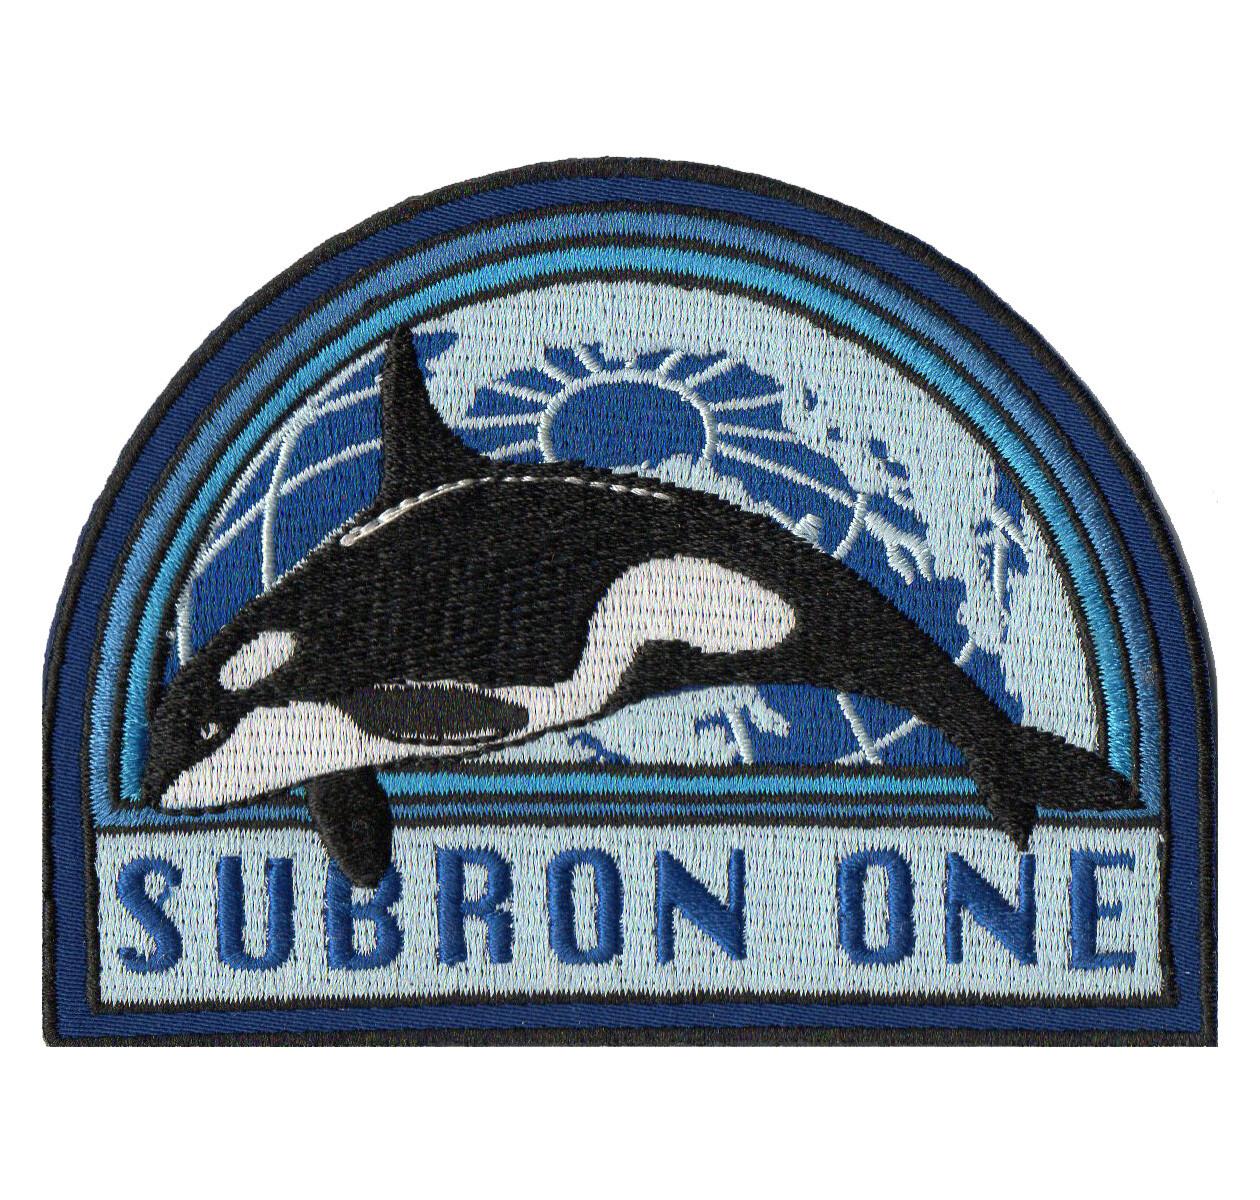 Subron One